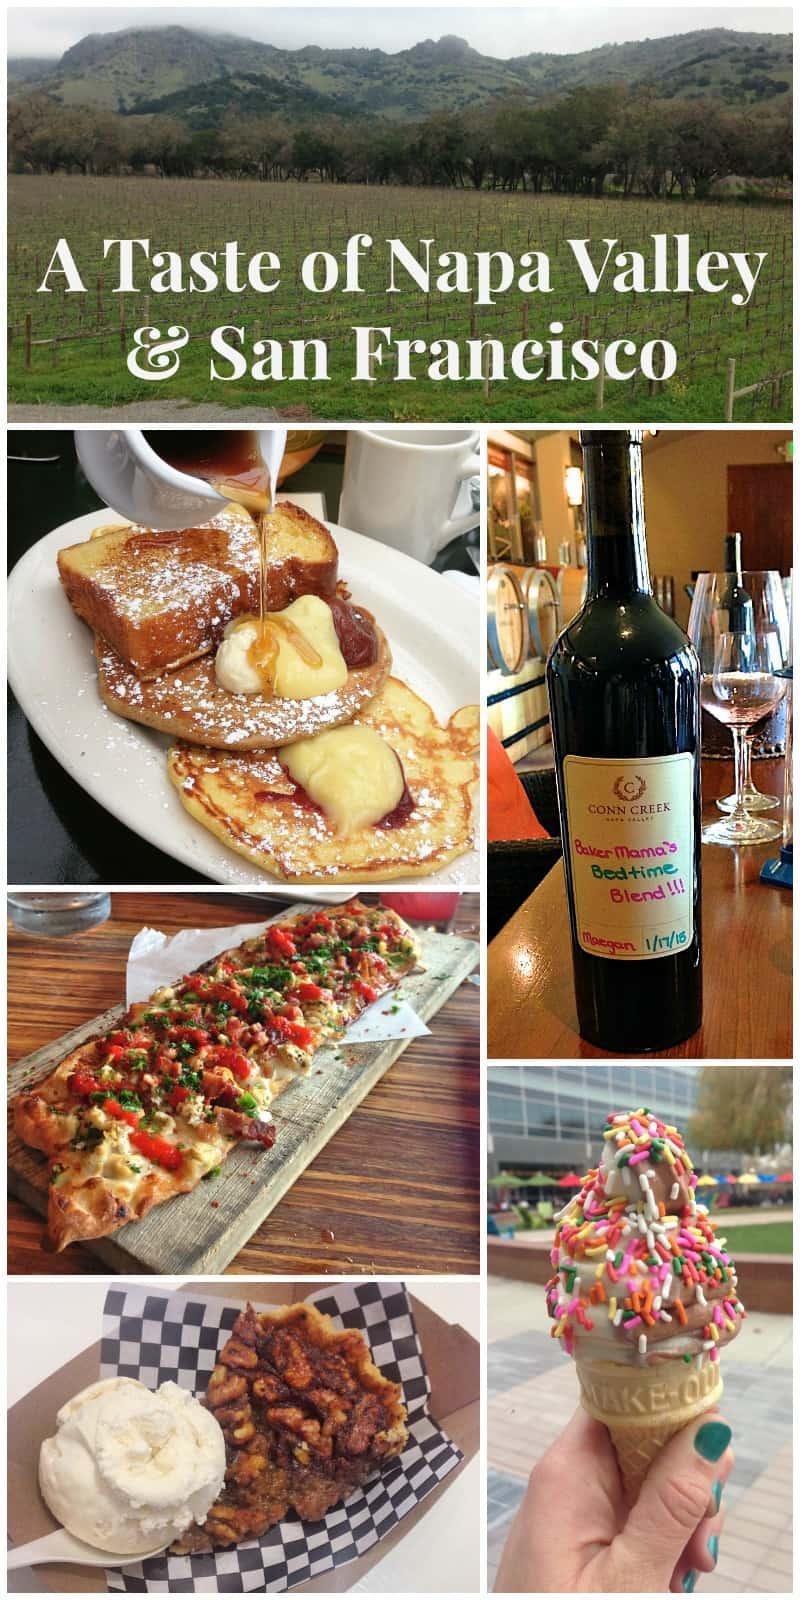 A Taste of Napa Valley and San Francisco - The BakerMama